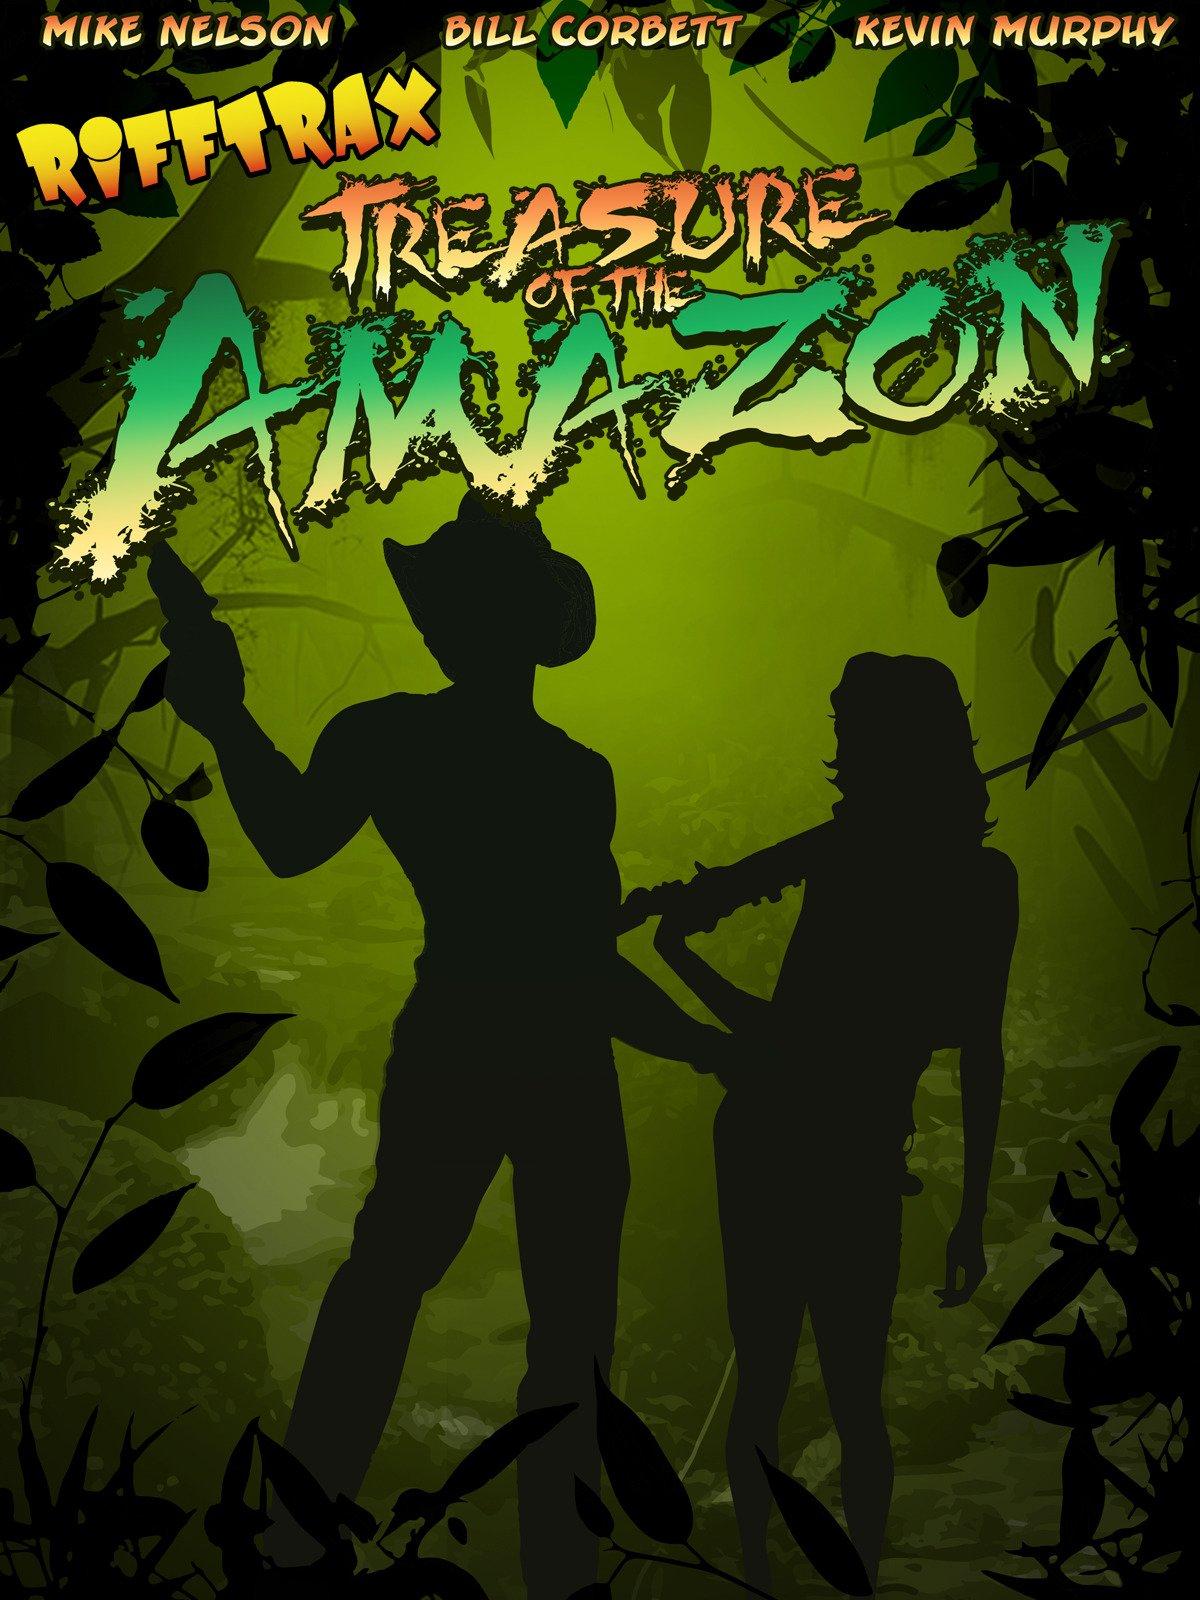 RiffTrax: Treasure Of The Amazon